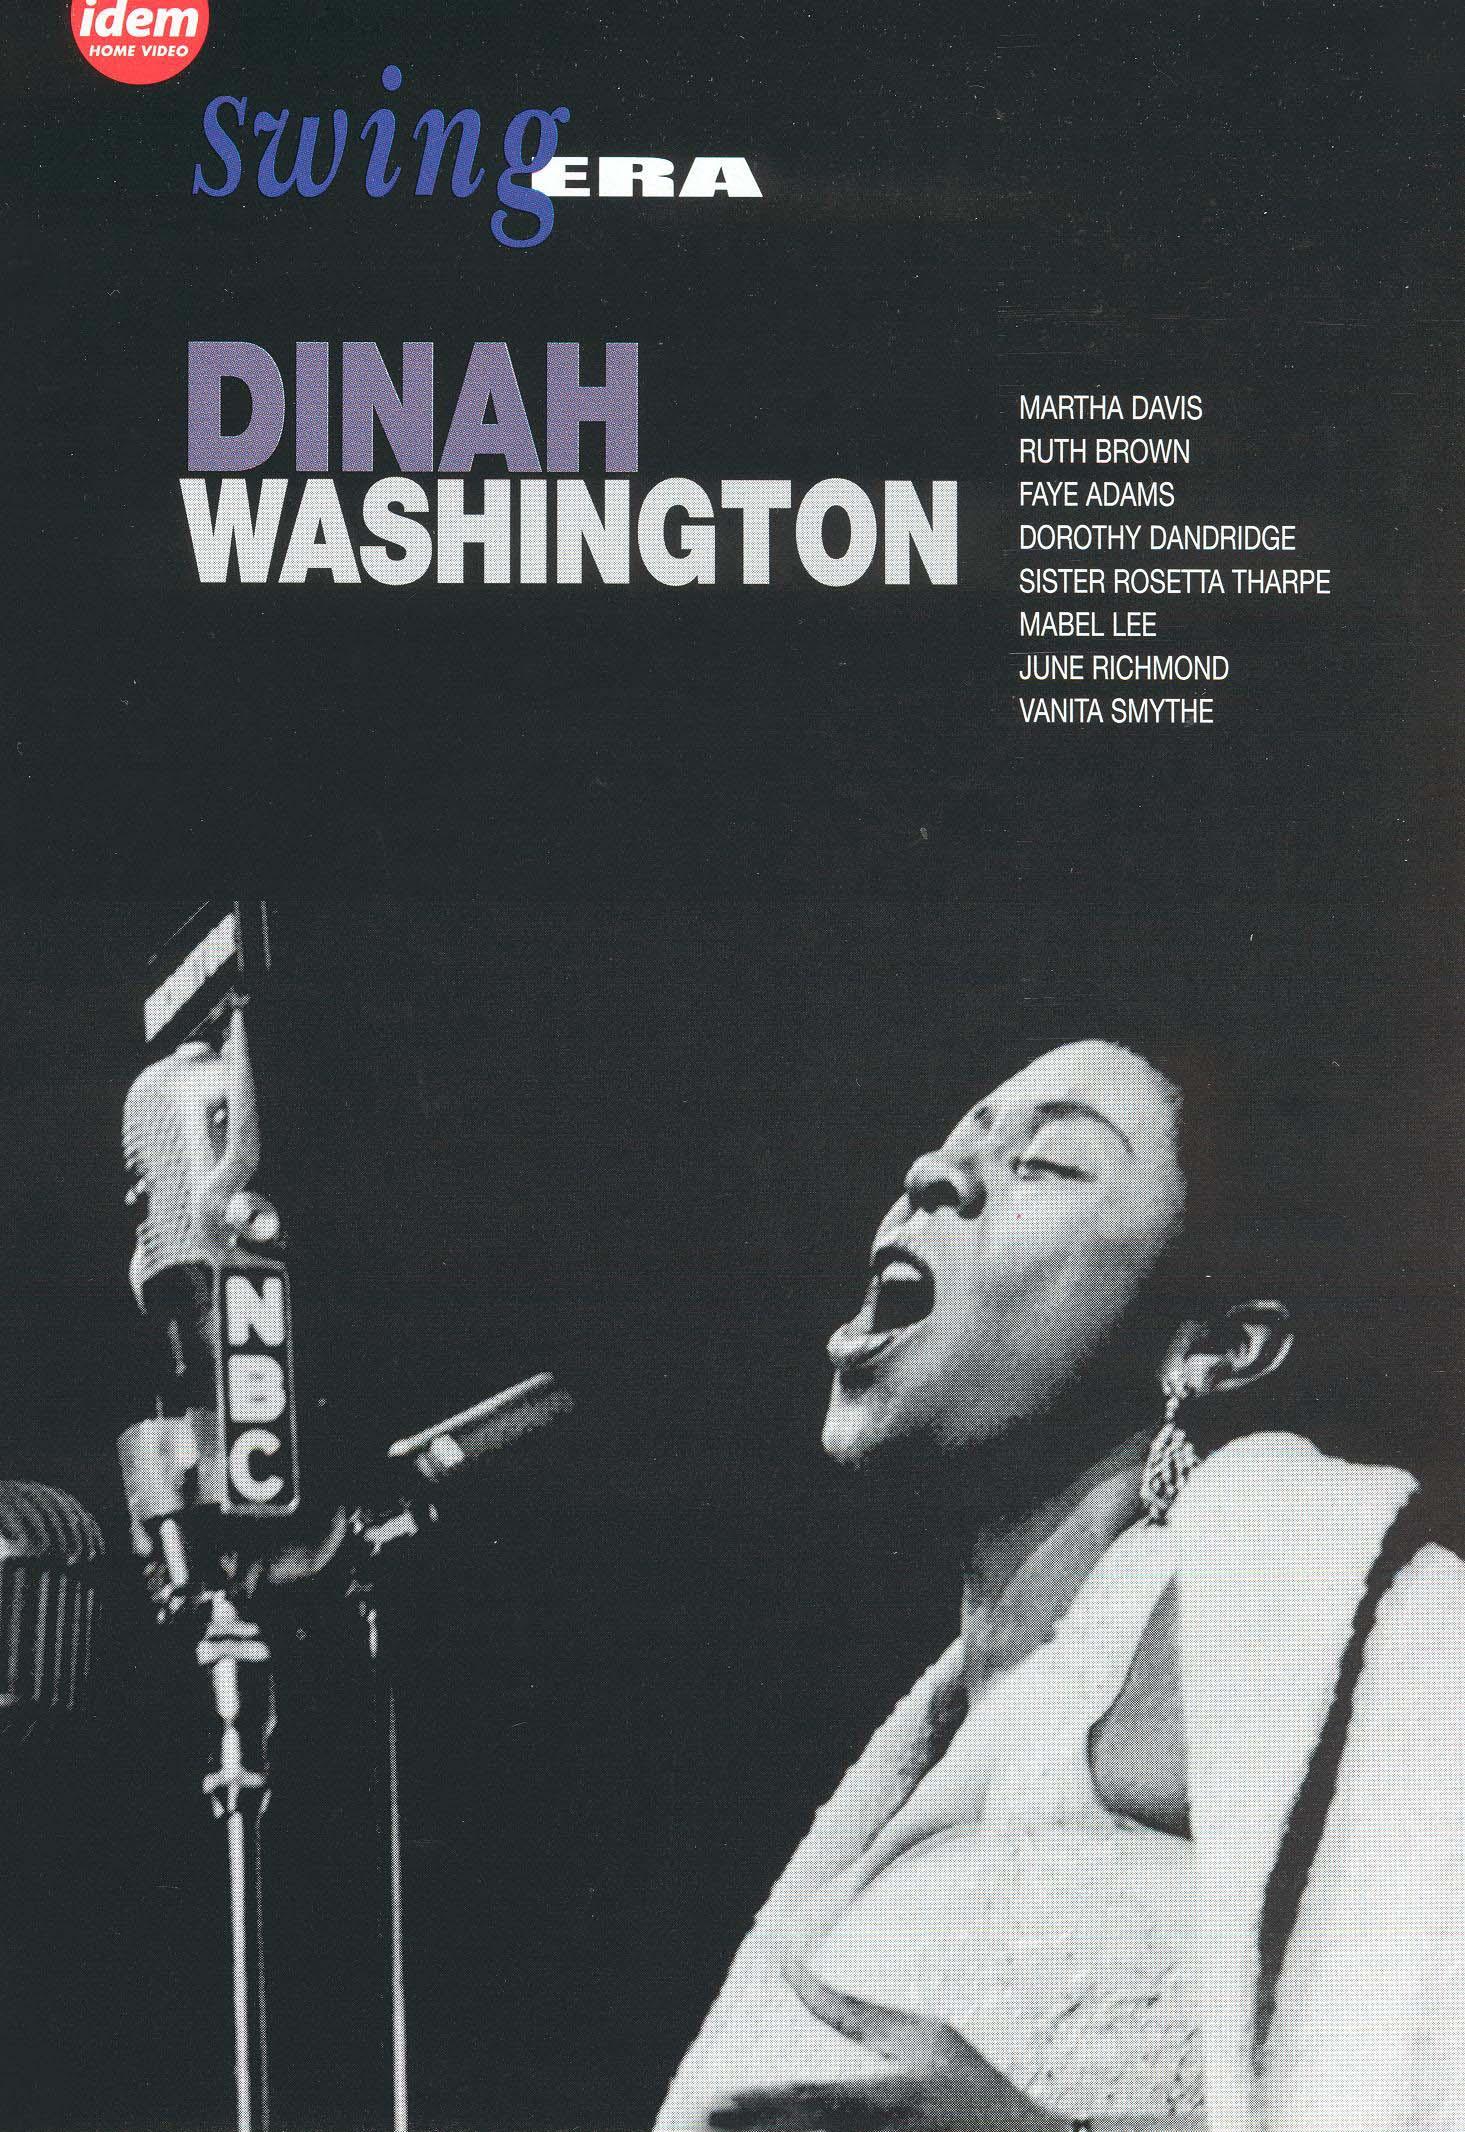 Swing Era: Dinah Washington